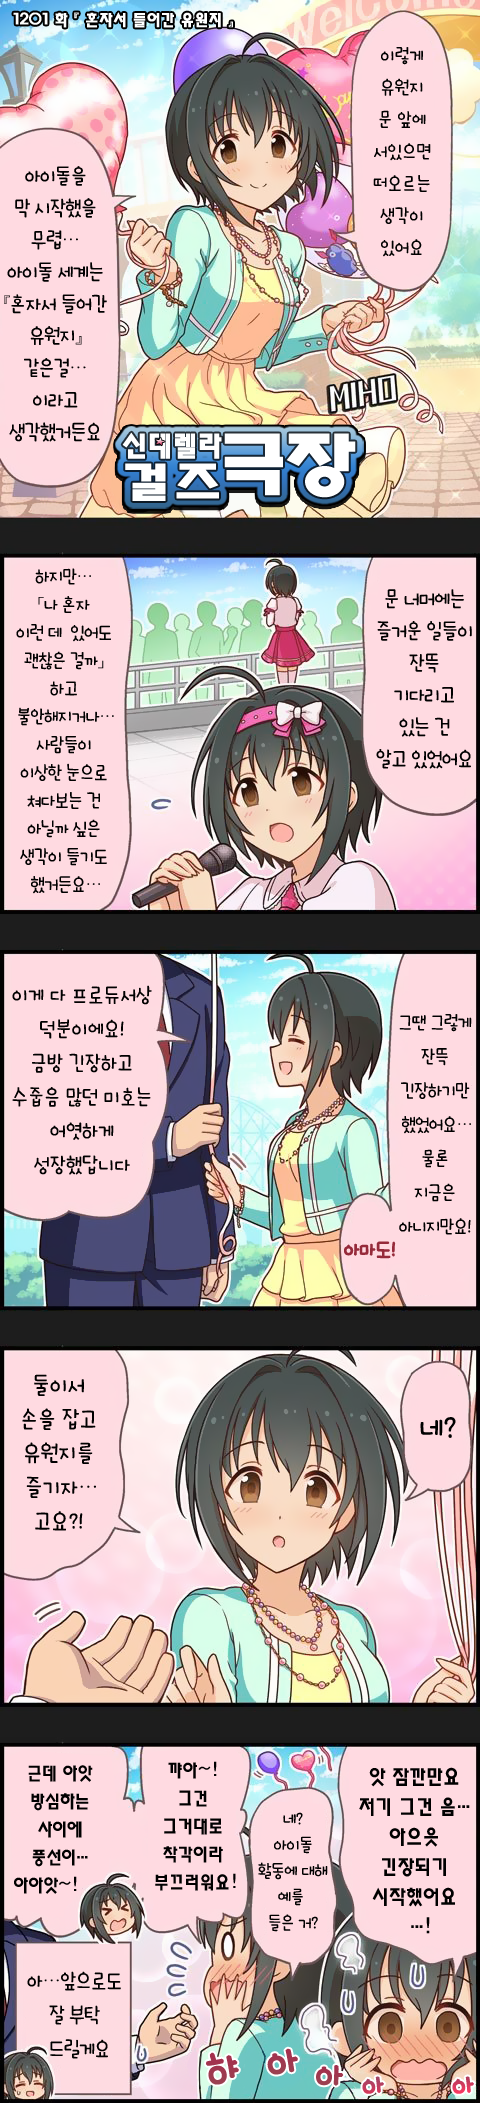 신데렐라 걸즈 극장 1201화